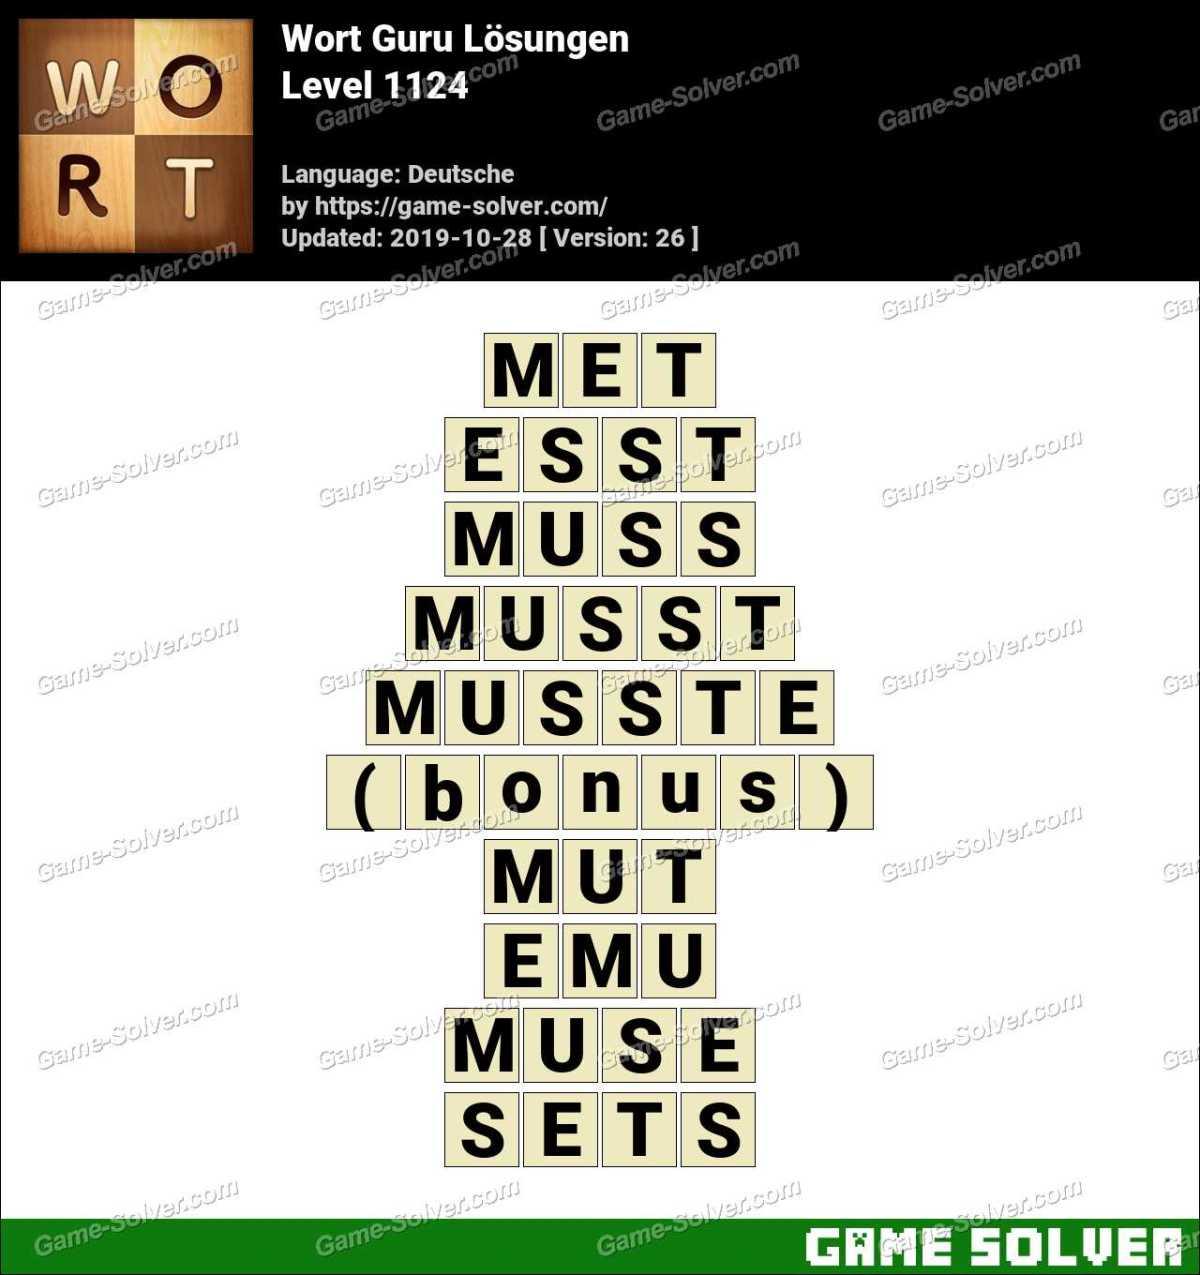 Wort Guru Level 1124 Lösungen